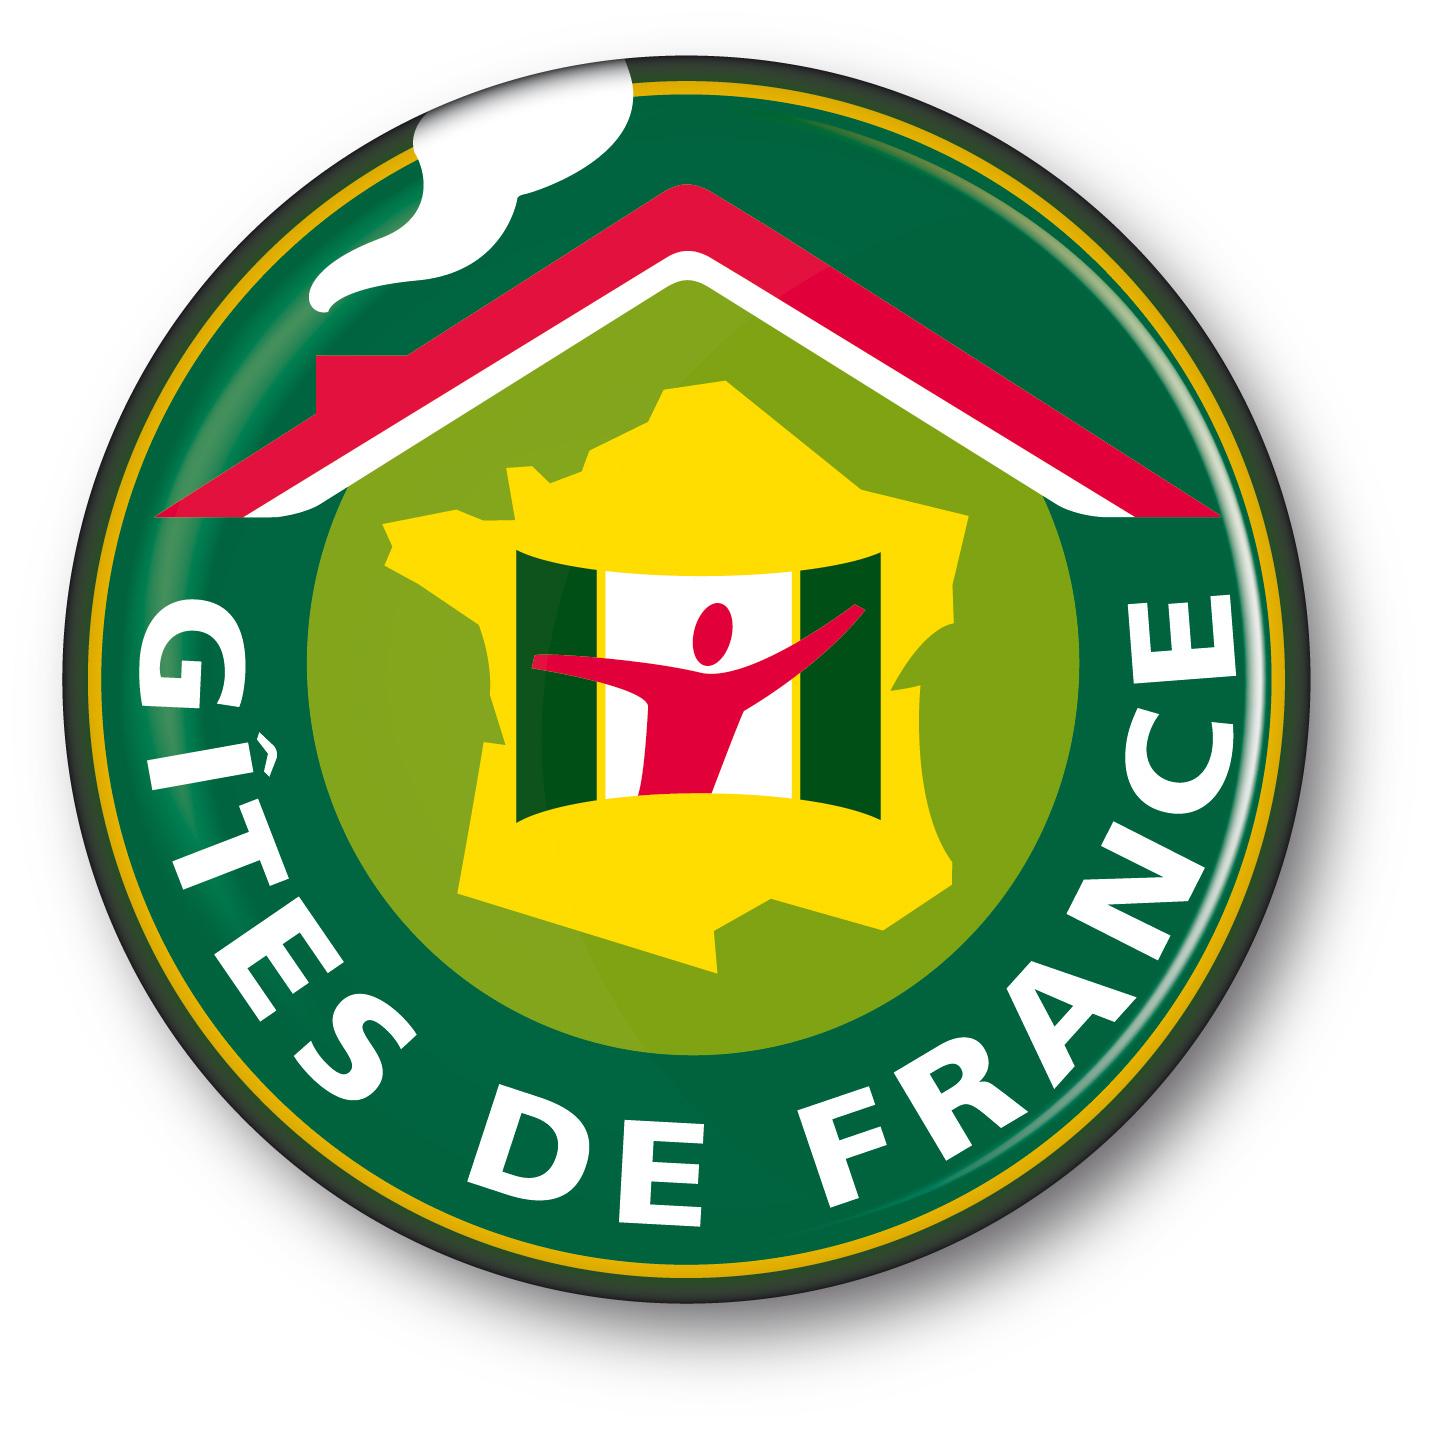 Gites de France 4 épis